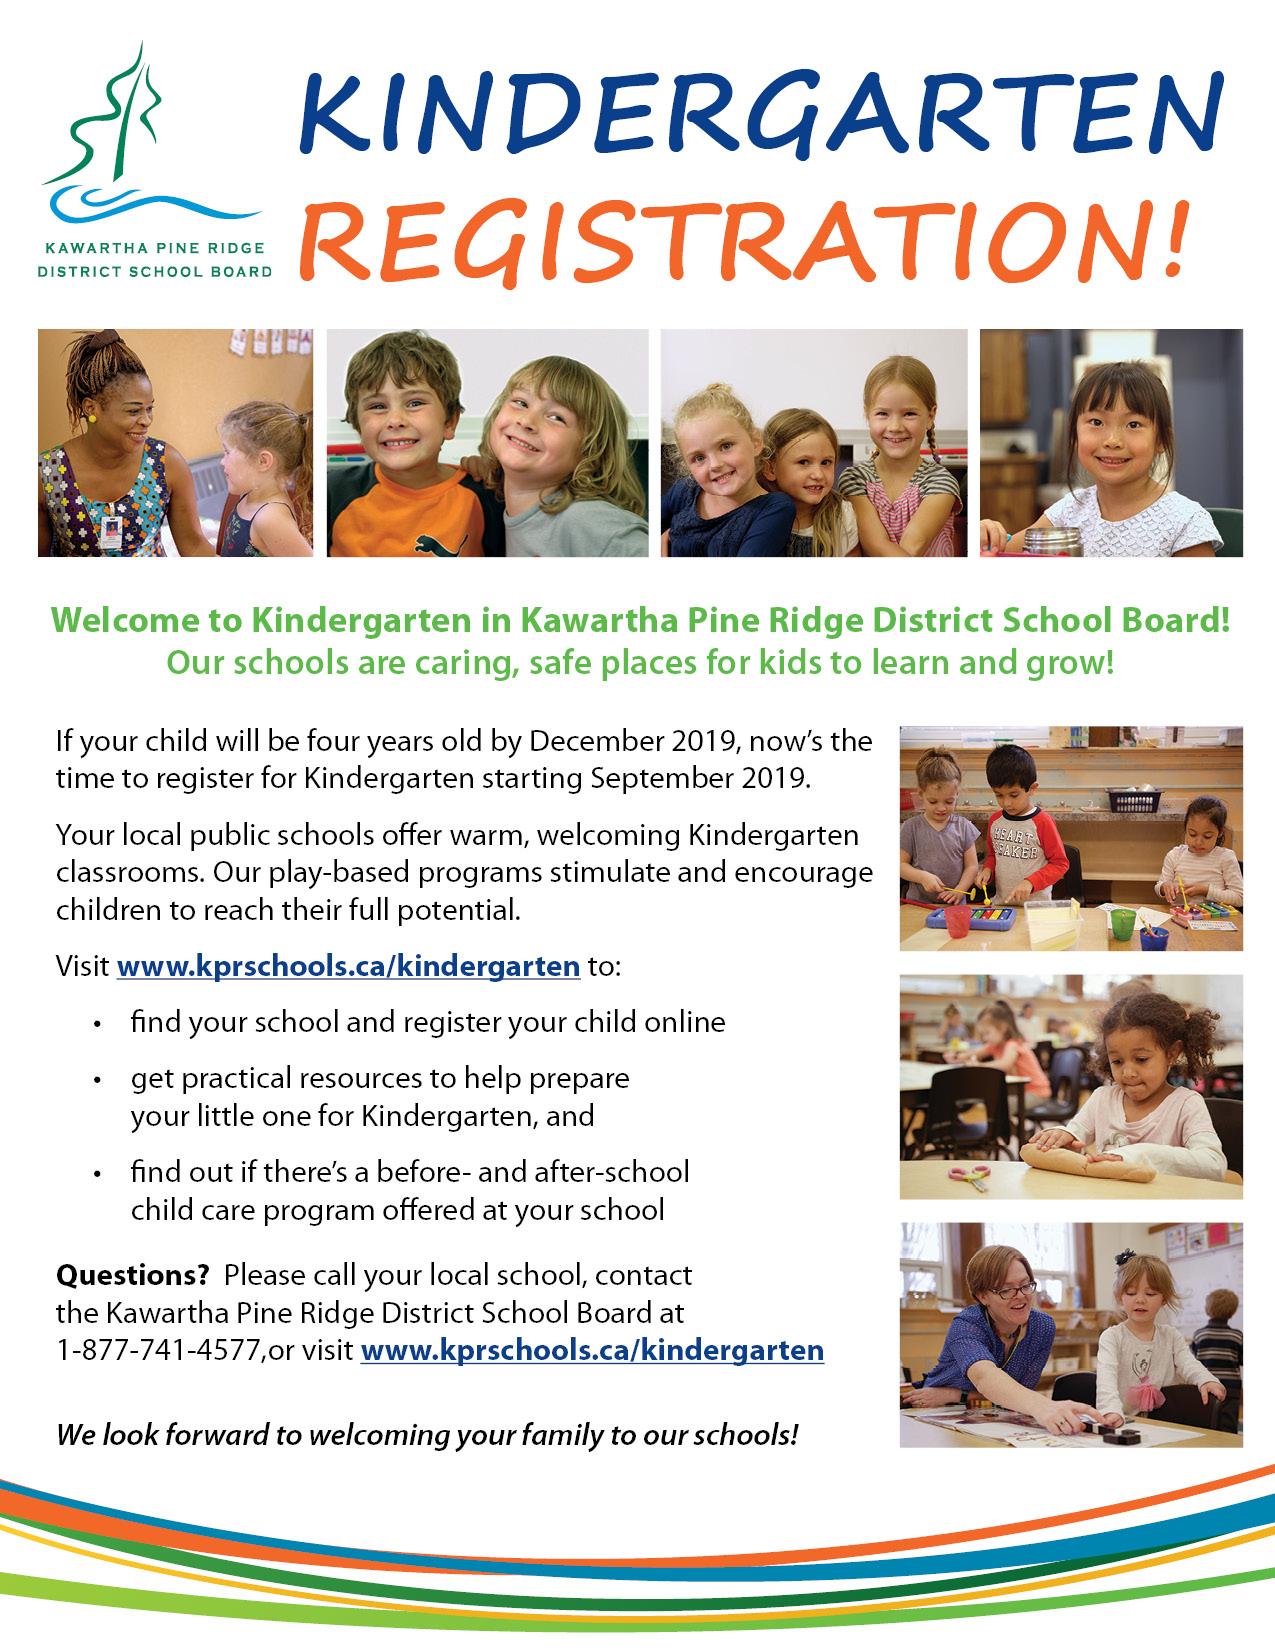 KPR Kindergarten Registration 2019 (002)